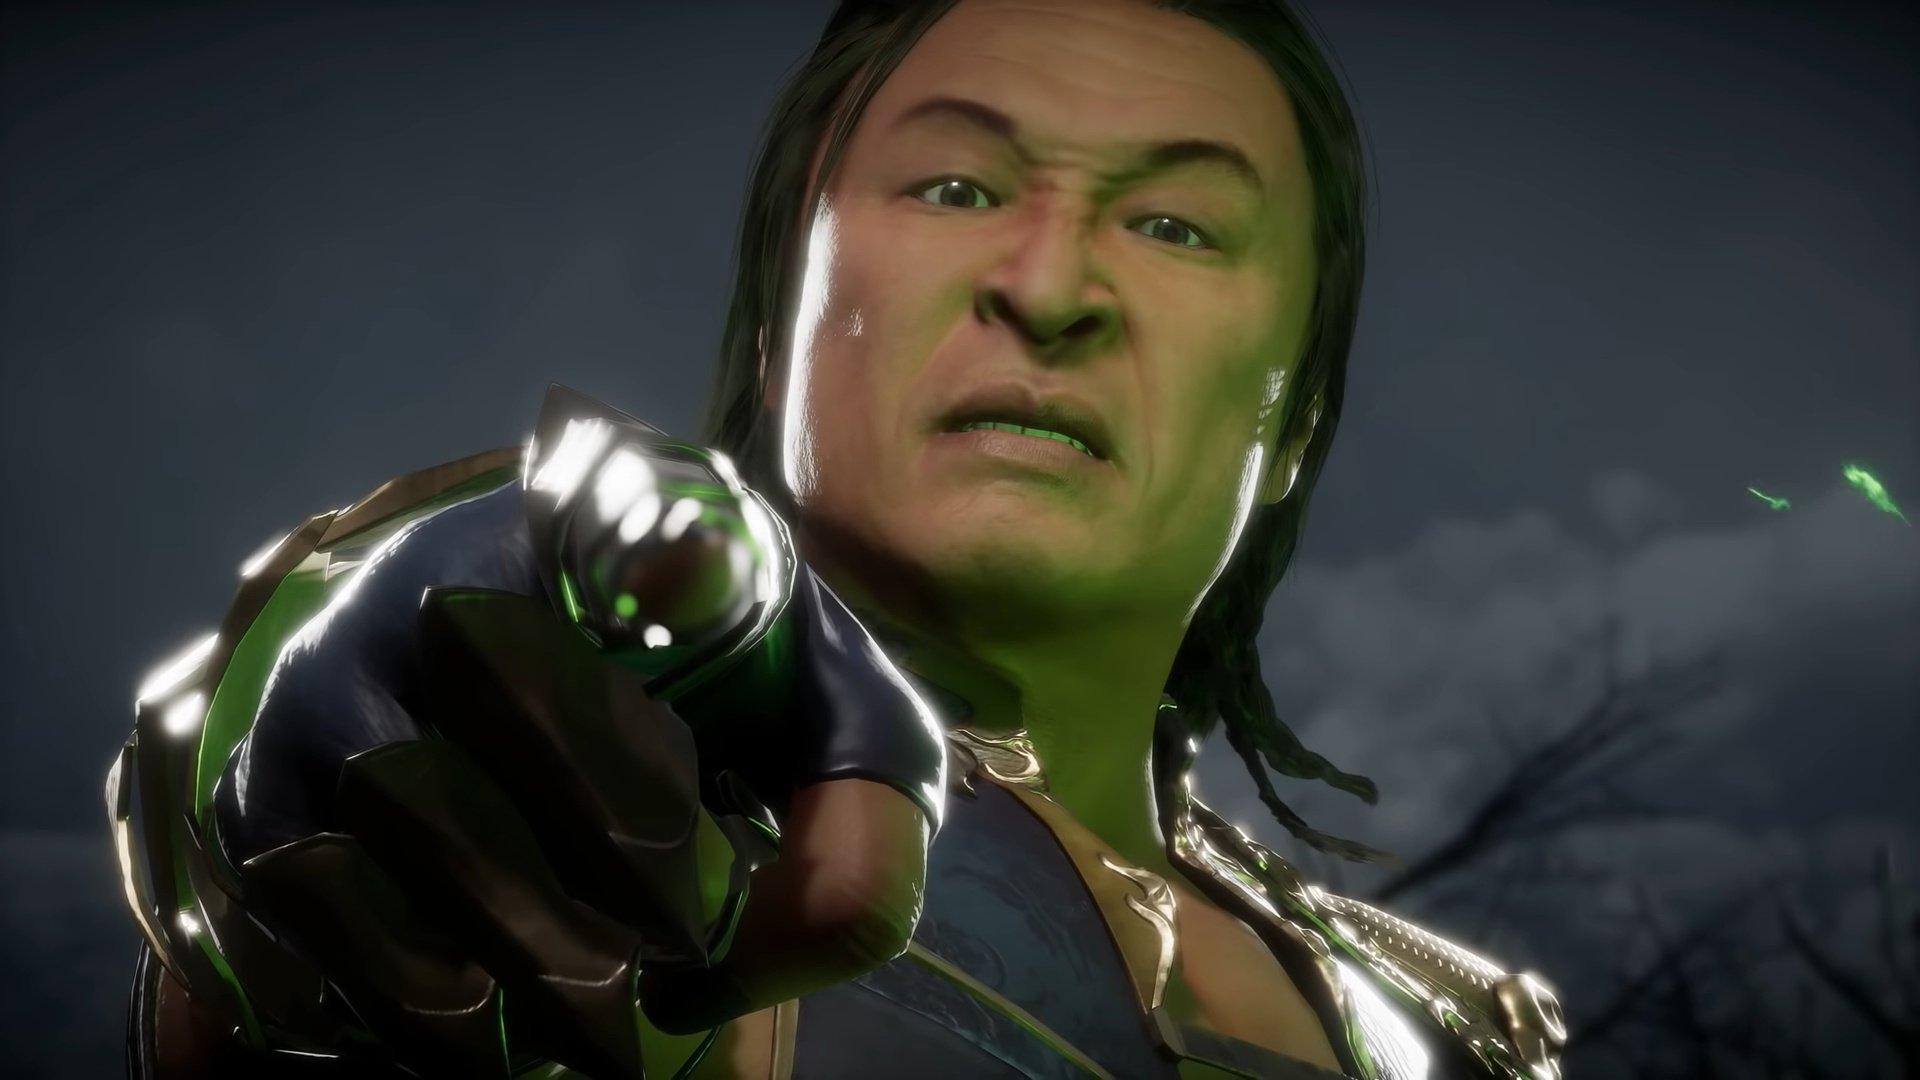 Mortal Kombat 11 Shows Off Shang Tsung And Confirms